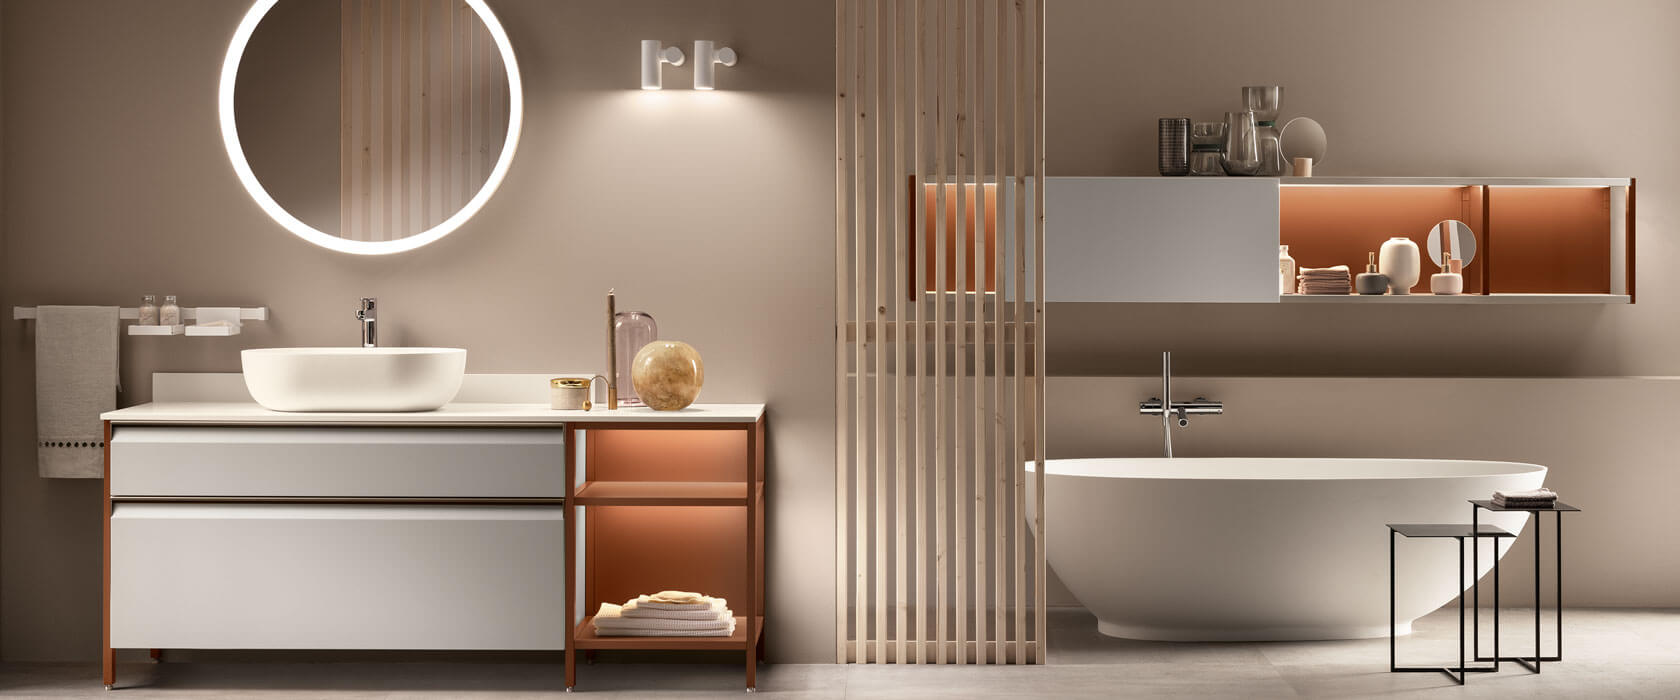 Baño de diseño Formalia - Scavolini